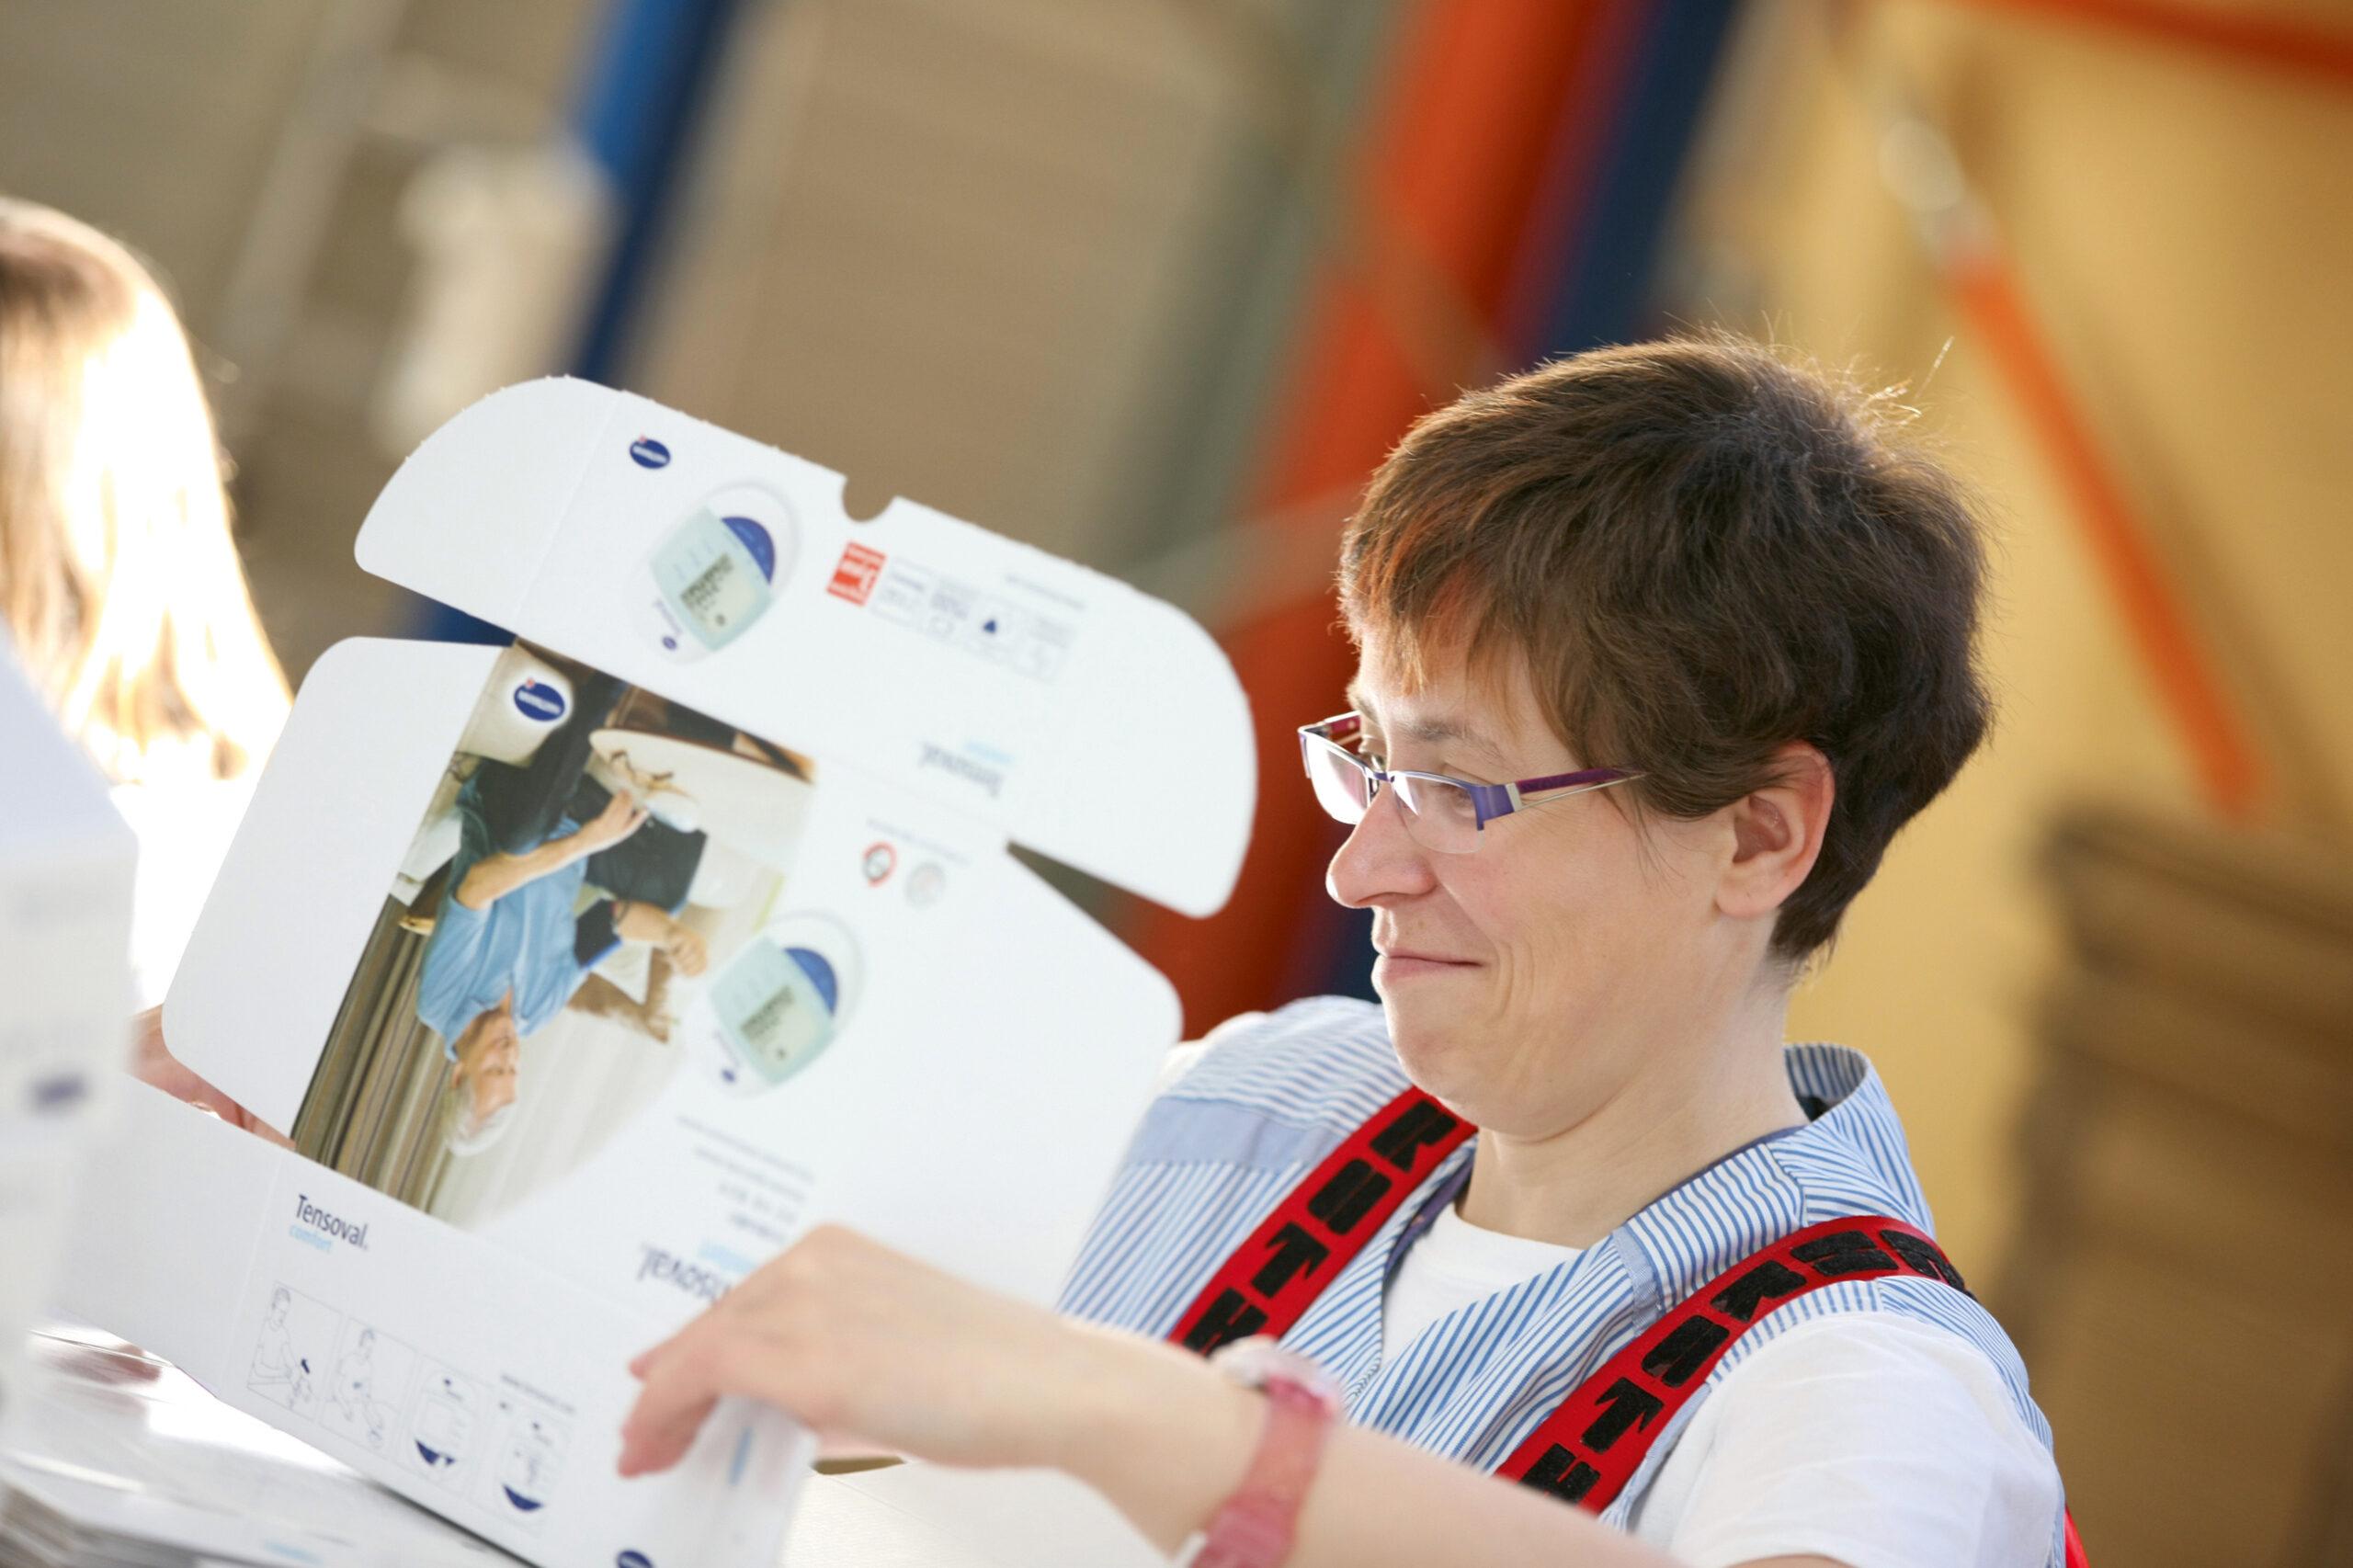 Frau verpackt Verbandskasten